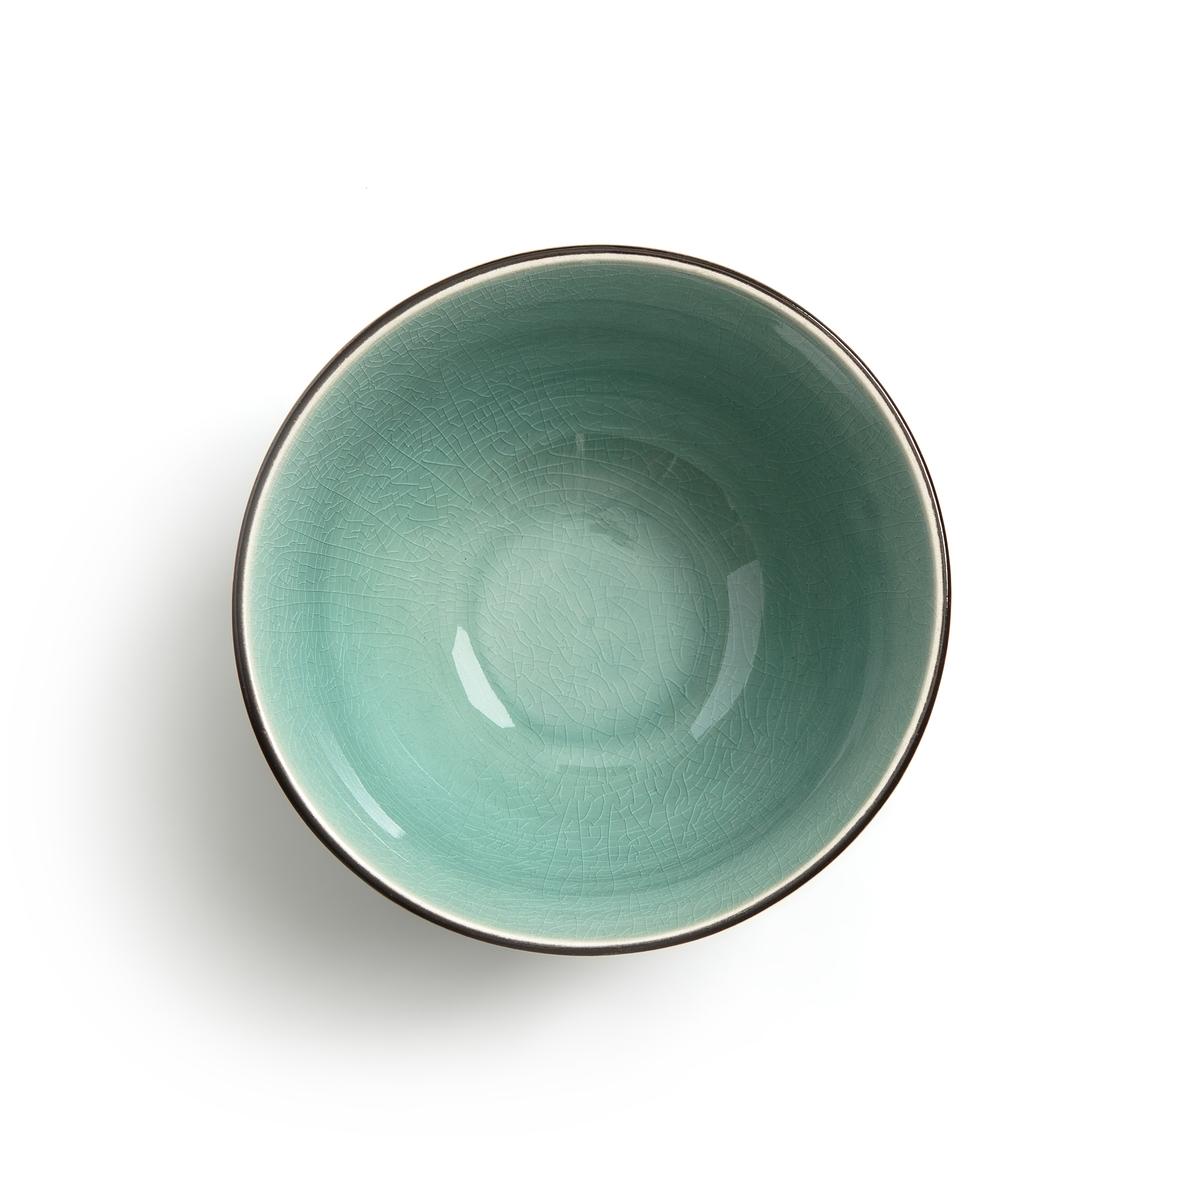 Комплект из 2 чашек из керамики, покрытой глазурью, Sonequa